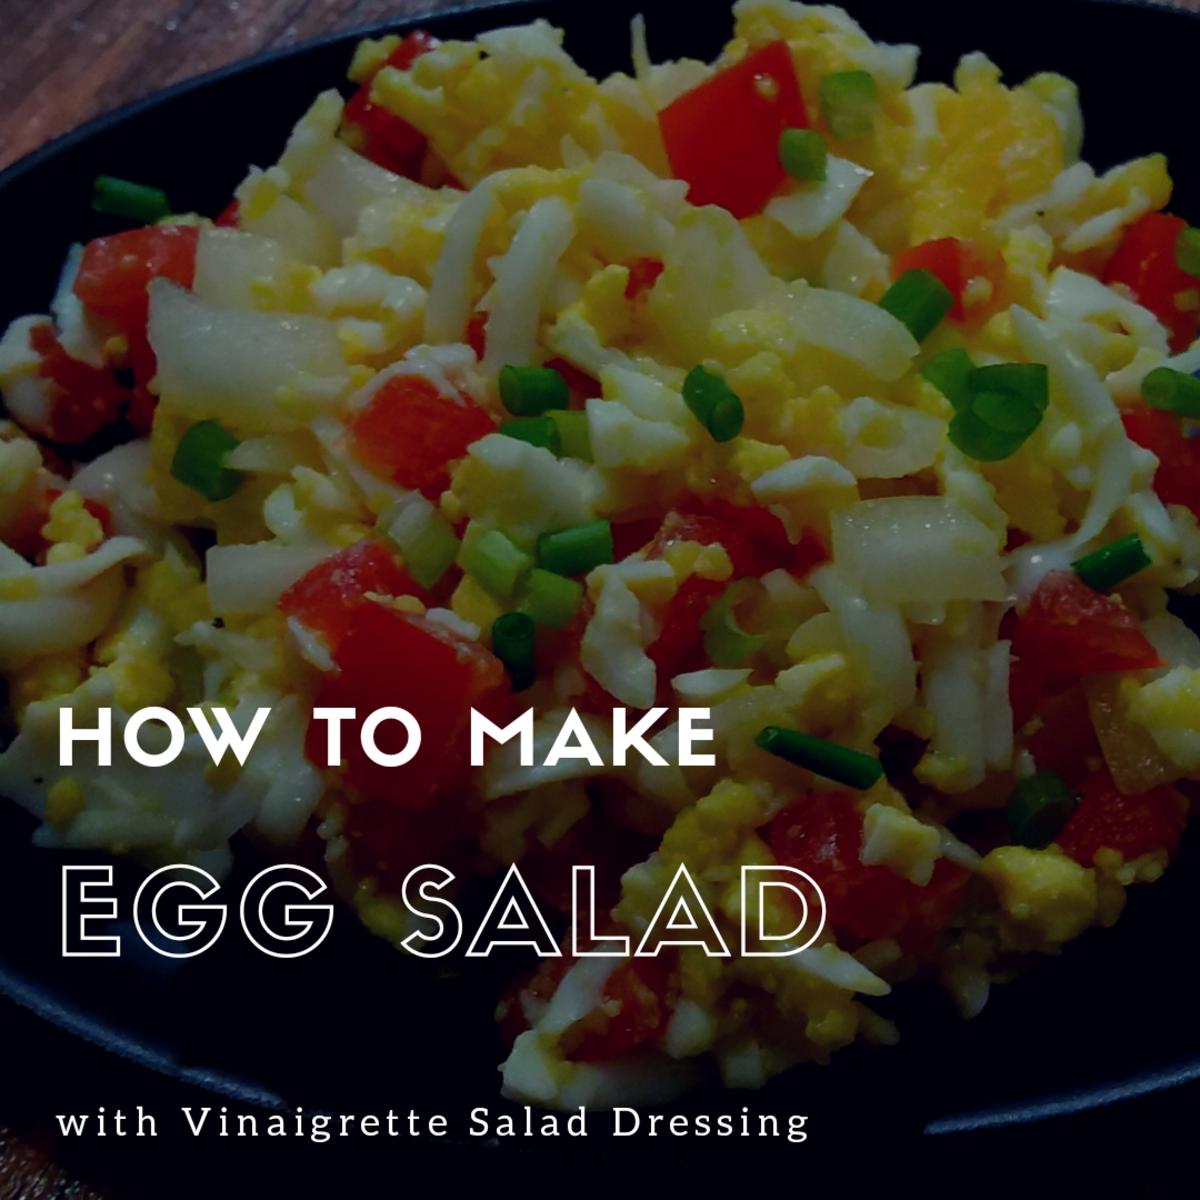 How to Make Egg Salad With Vinaigrette Salad Dressing (No Mayo!)